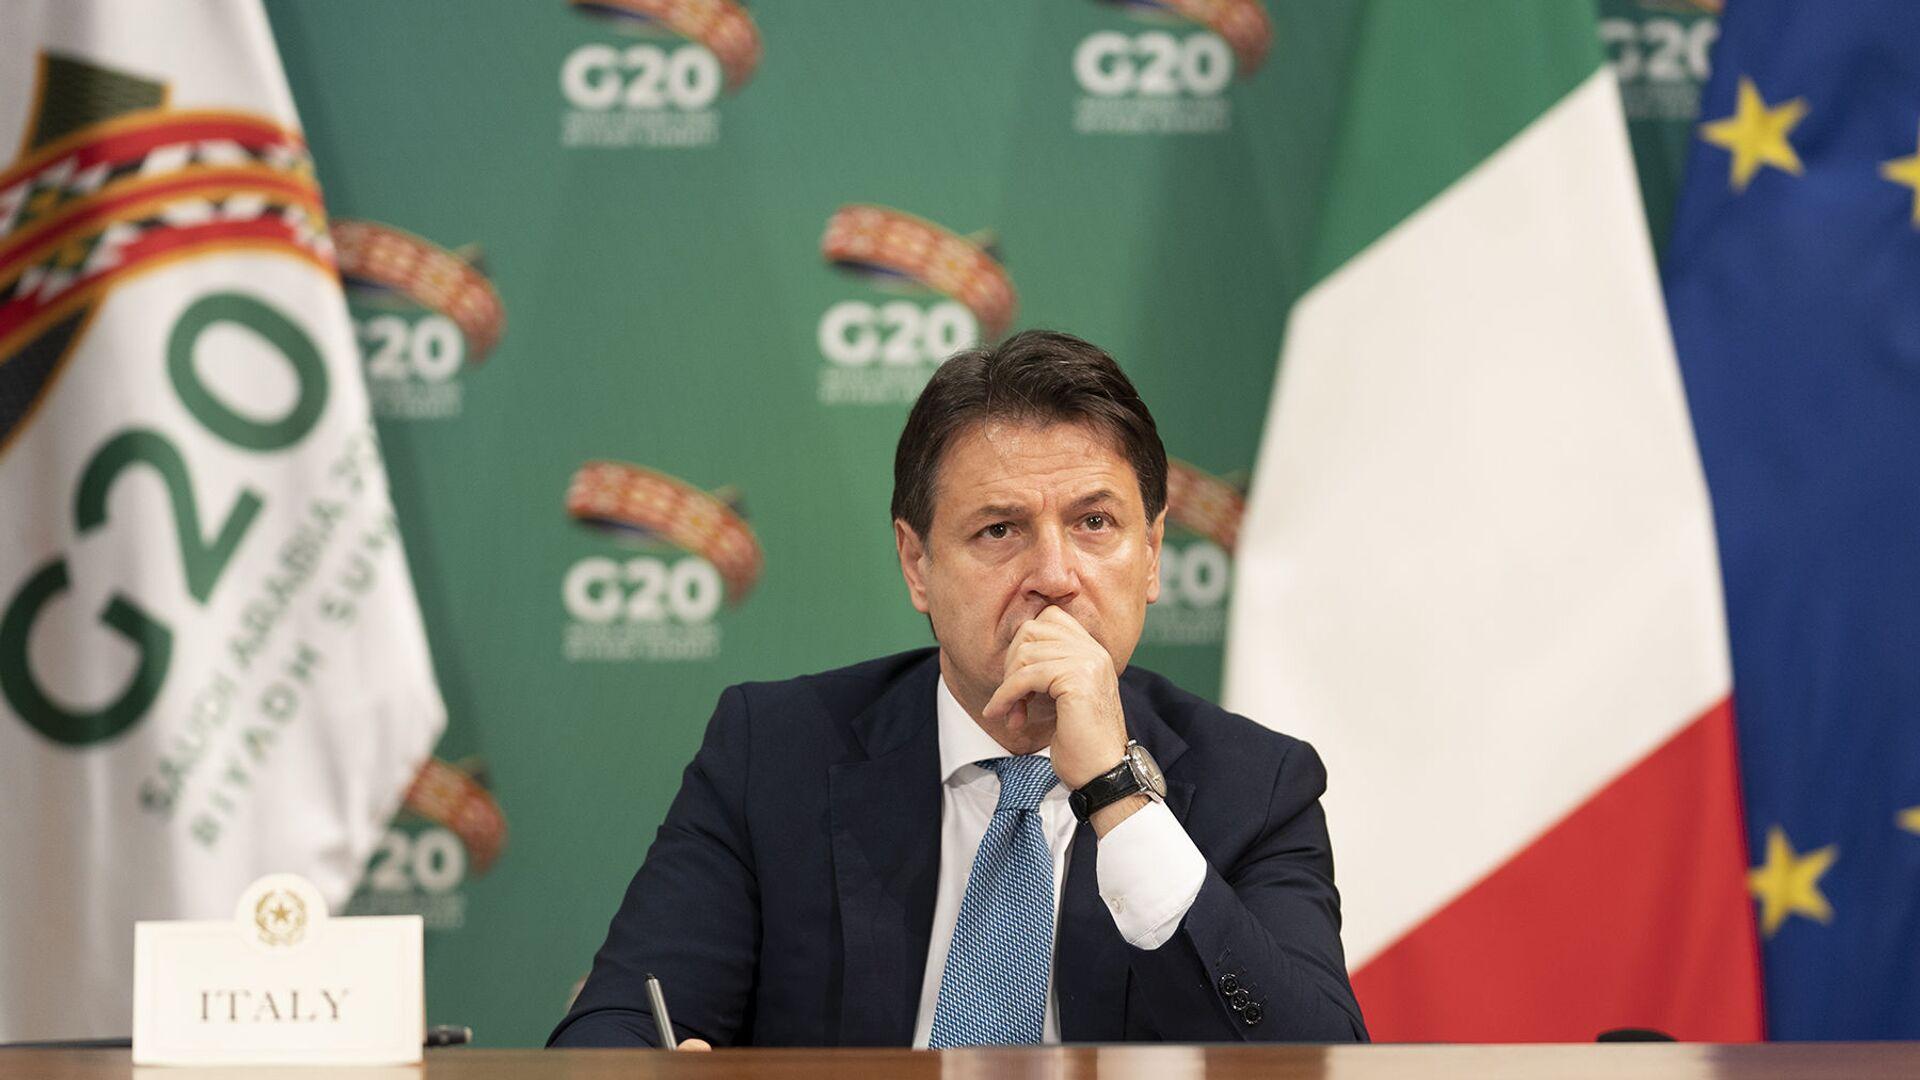 Il Presidente del Consiglio, Giuseppe Conte, partecipa alla sessione dei lavori della prima giornata. G20 - Sputnik Italia, 1920, 15.05.2021